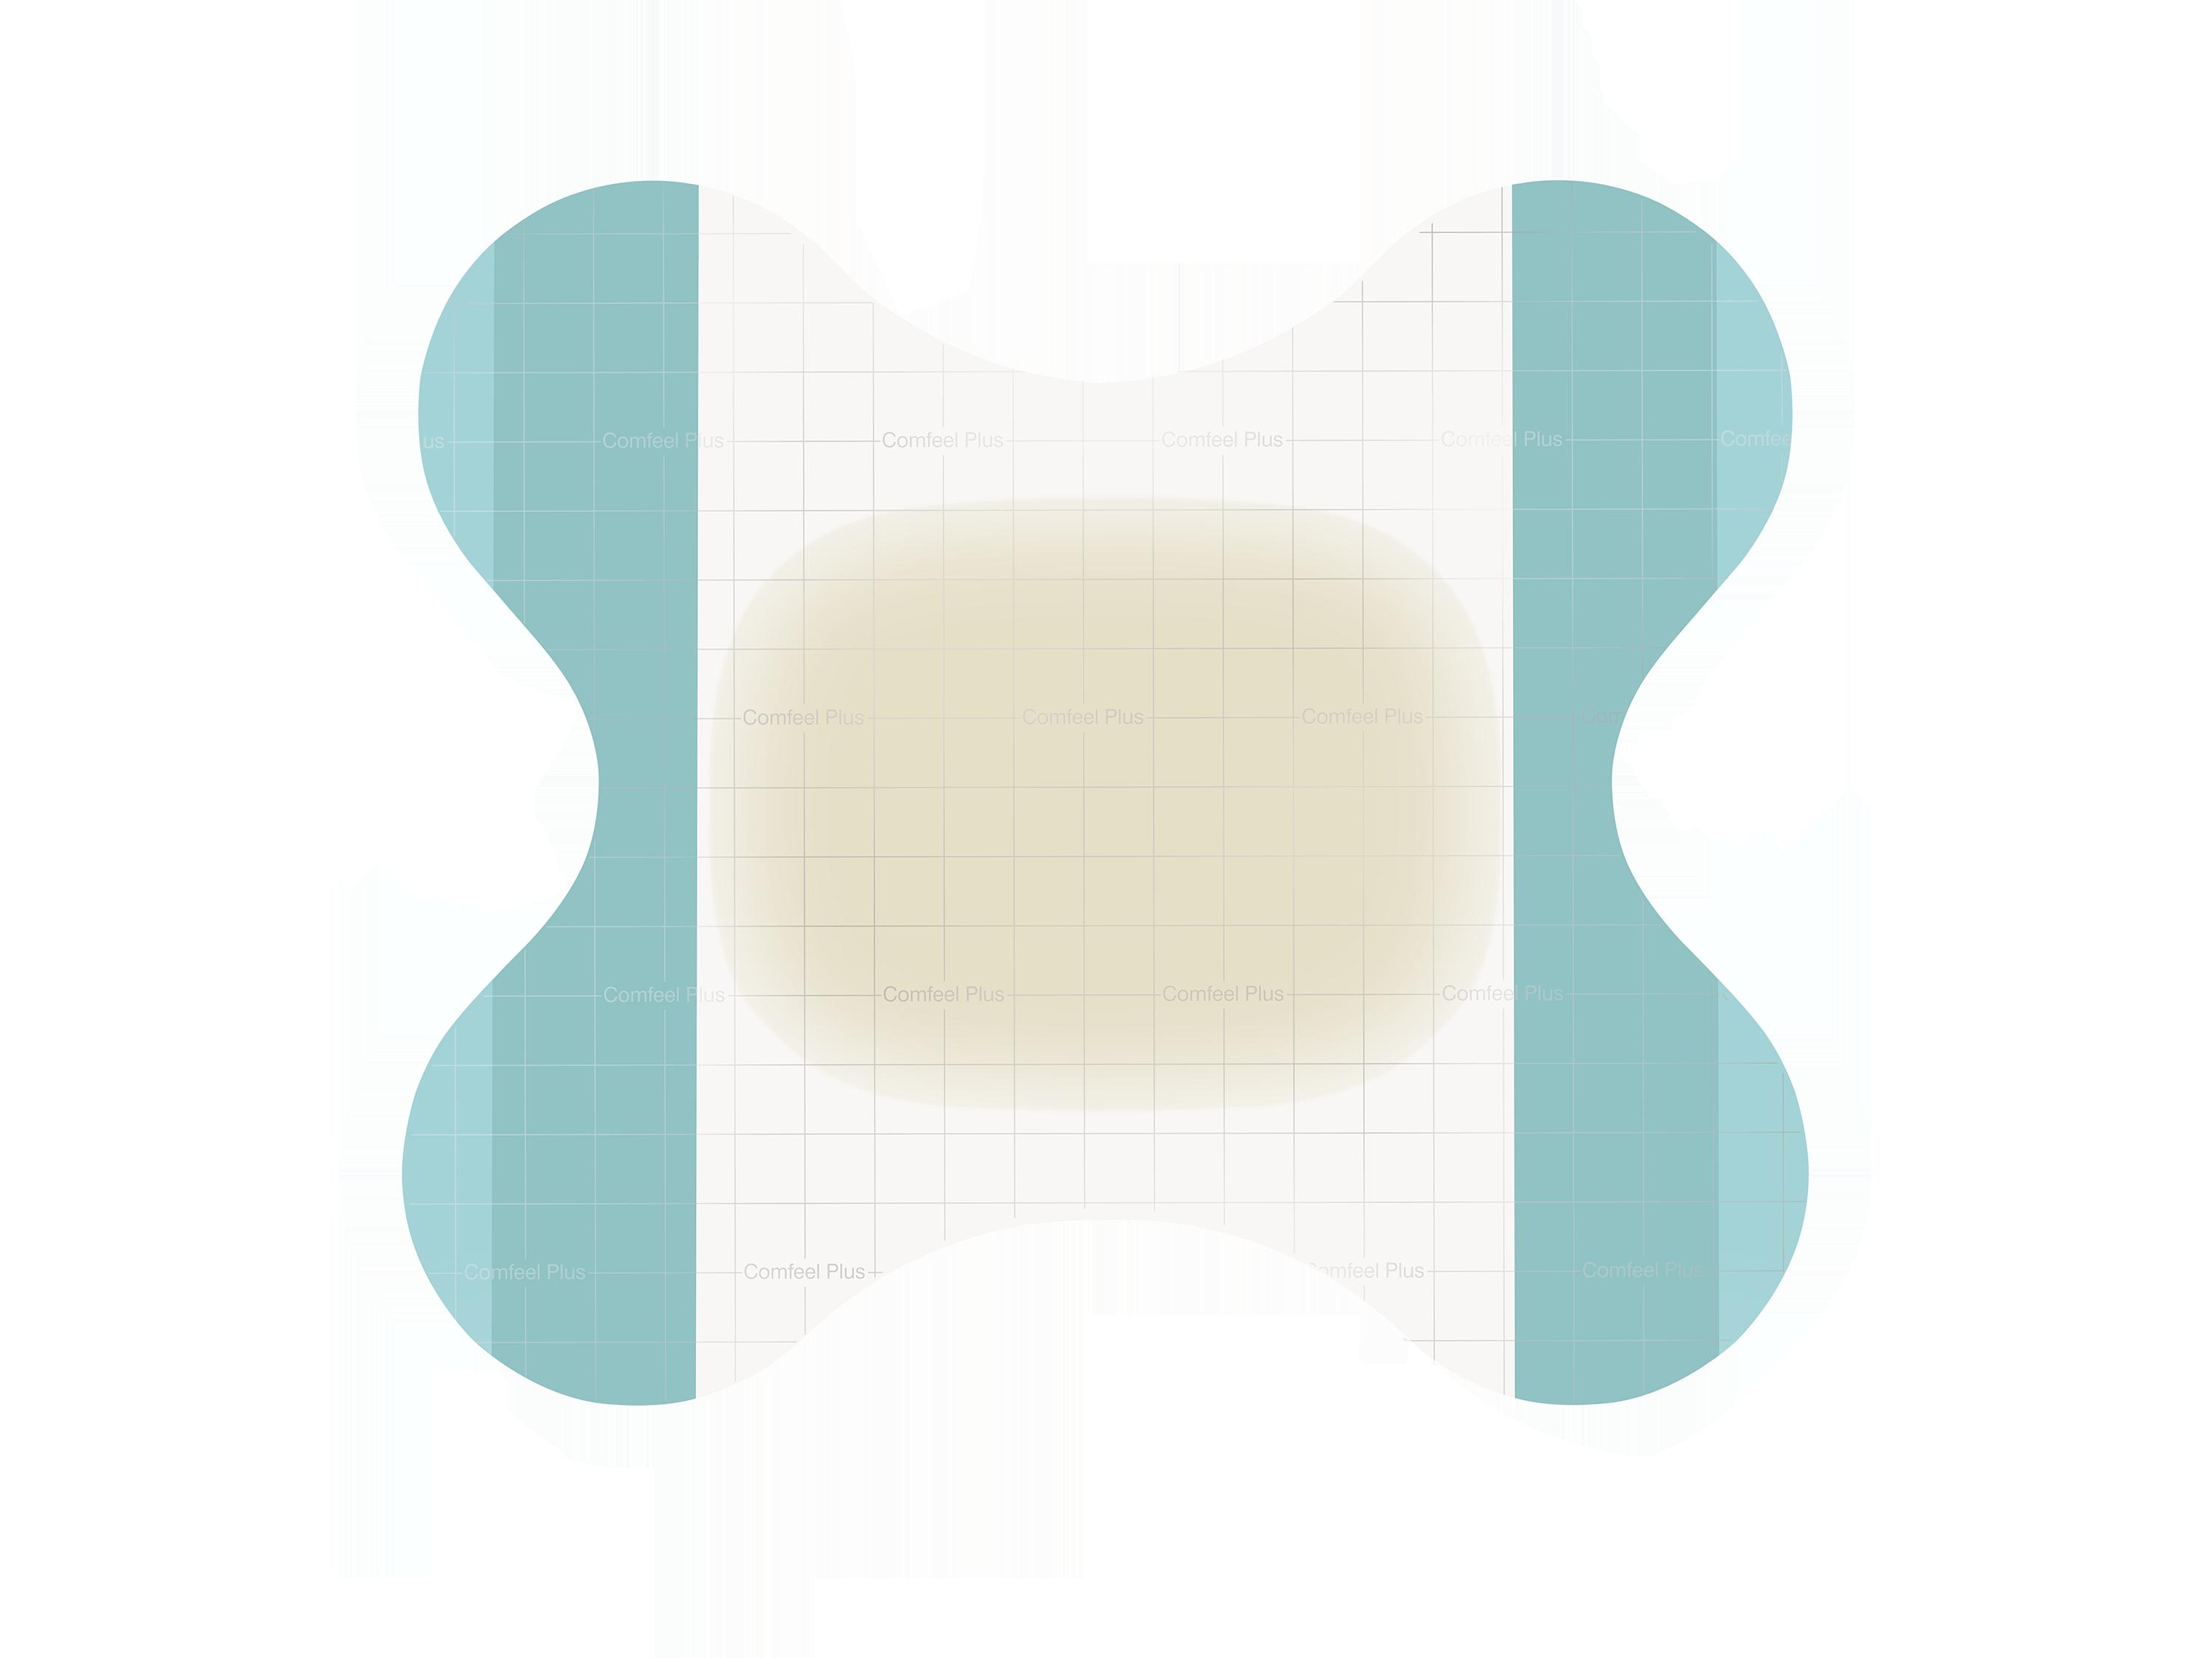 comfeel plus contour